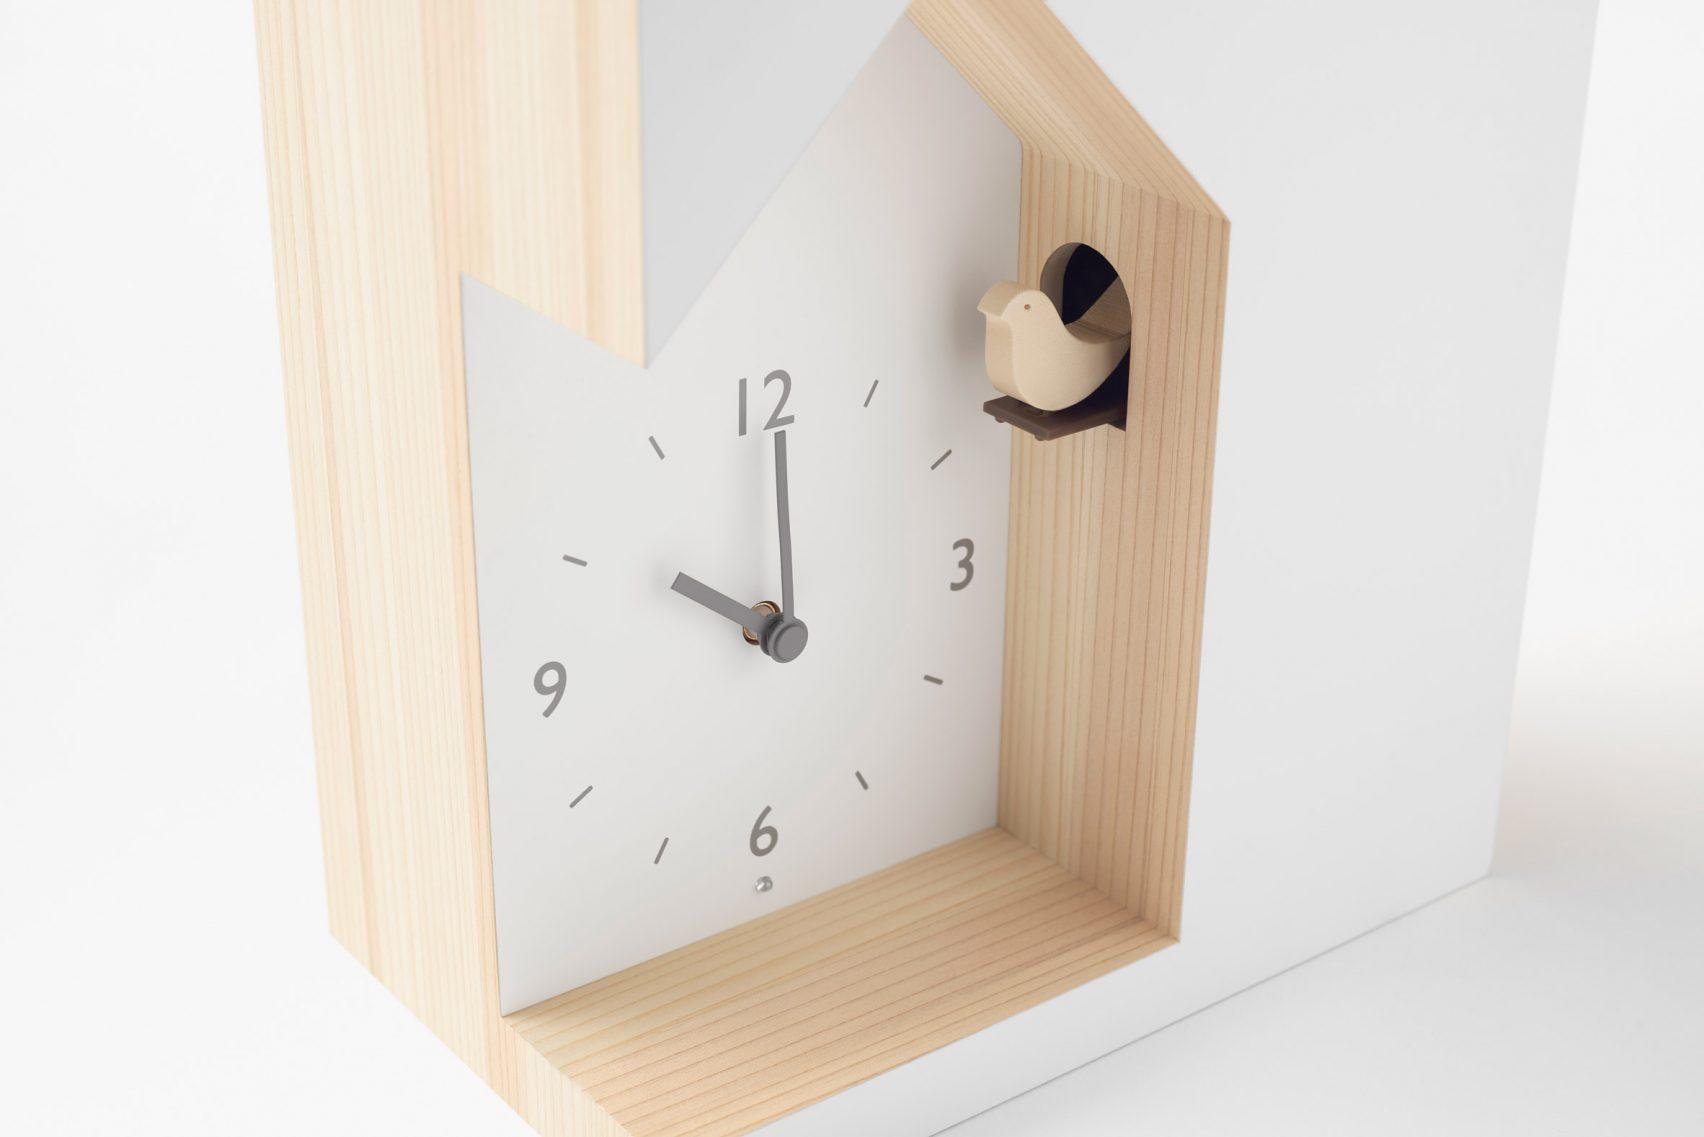 nendo-cuckoo-clocks-noko-05.jpg